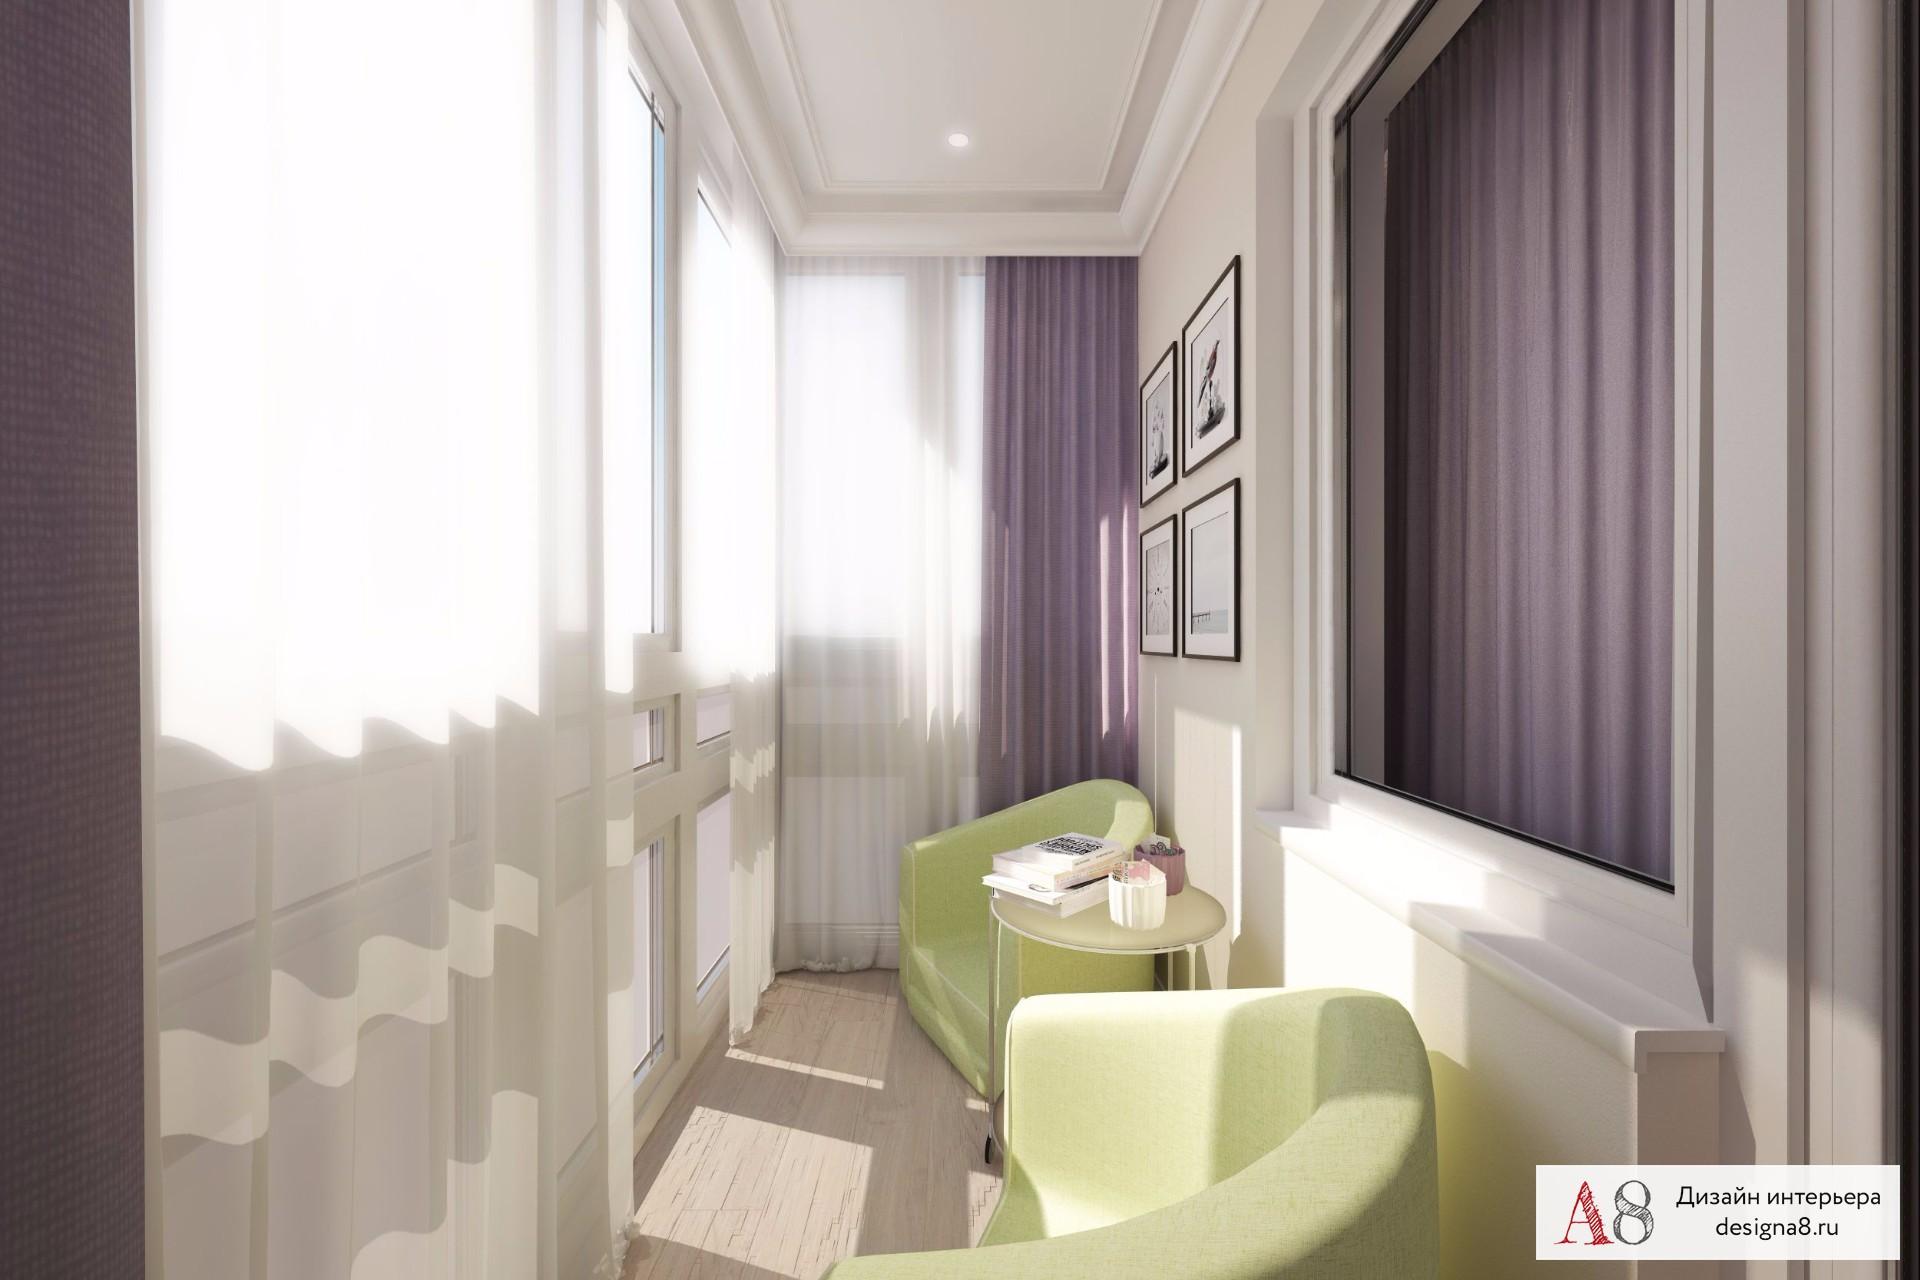 Дизайн проект однокомнатной квартиры в 40 кв.м - фото дизайн.